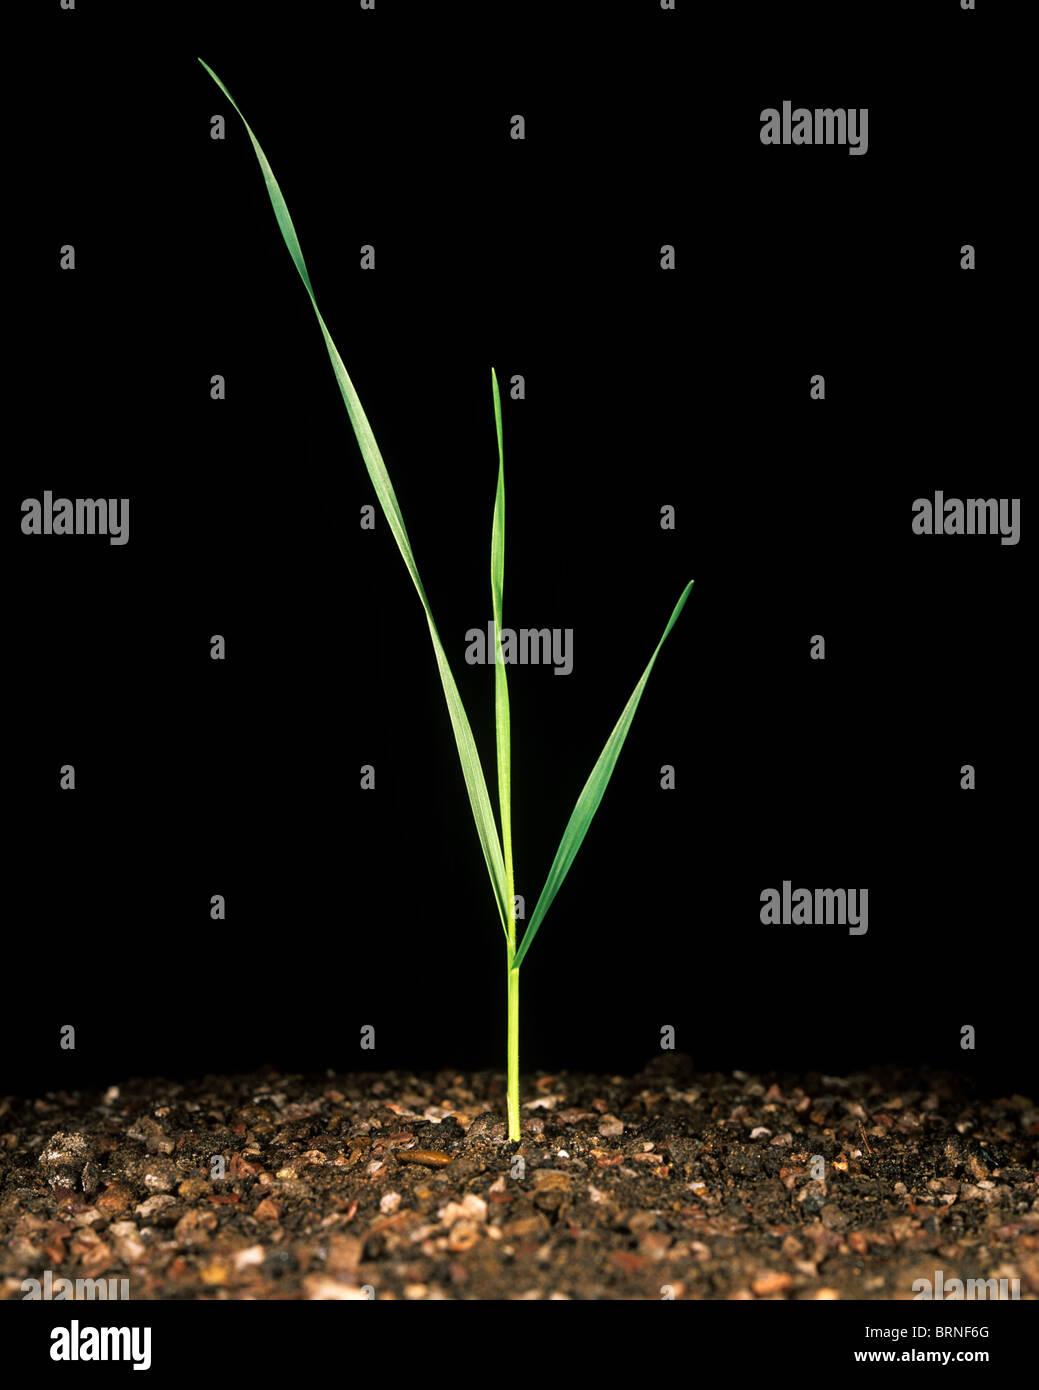 Plántulas de trigo con tres hojas en la etapa 13 Imagen De Stock